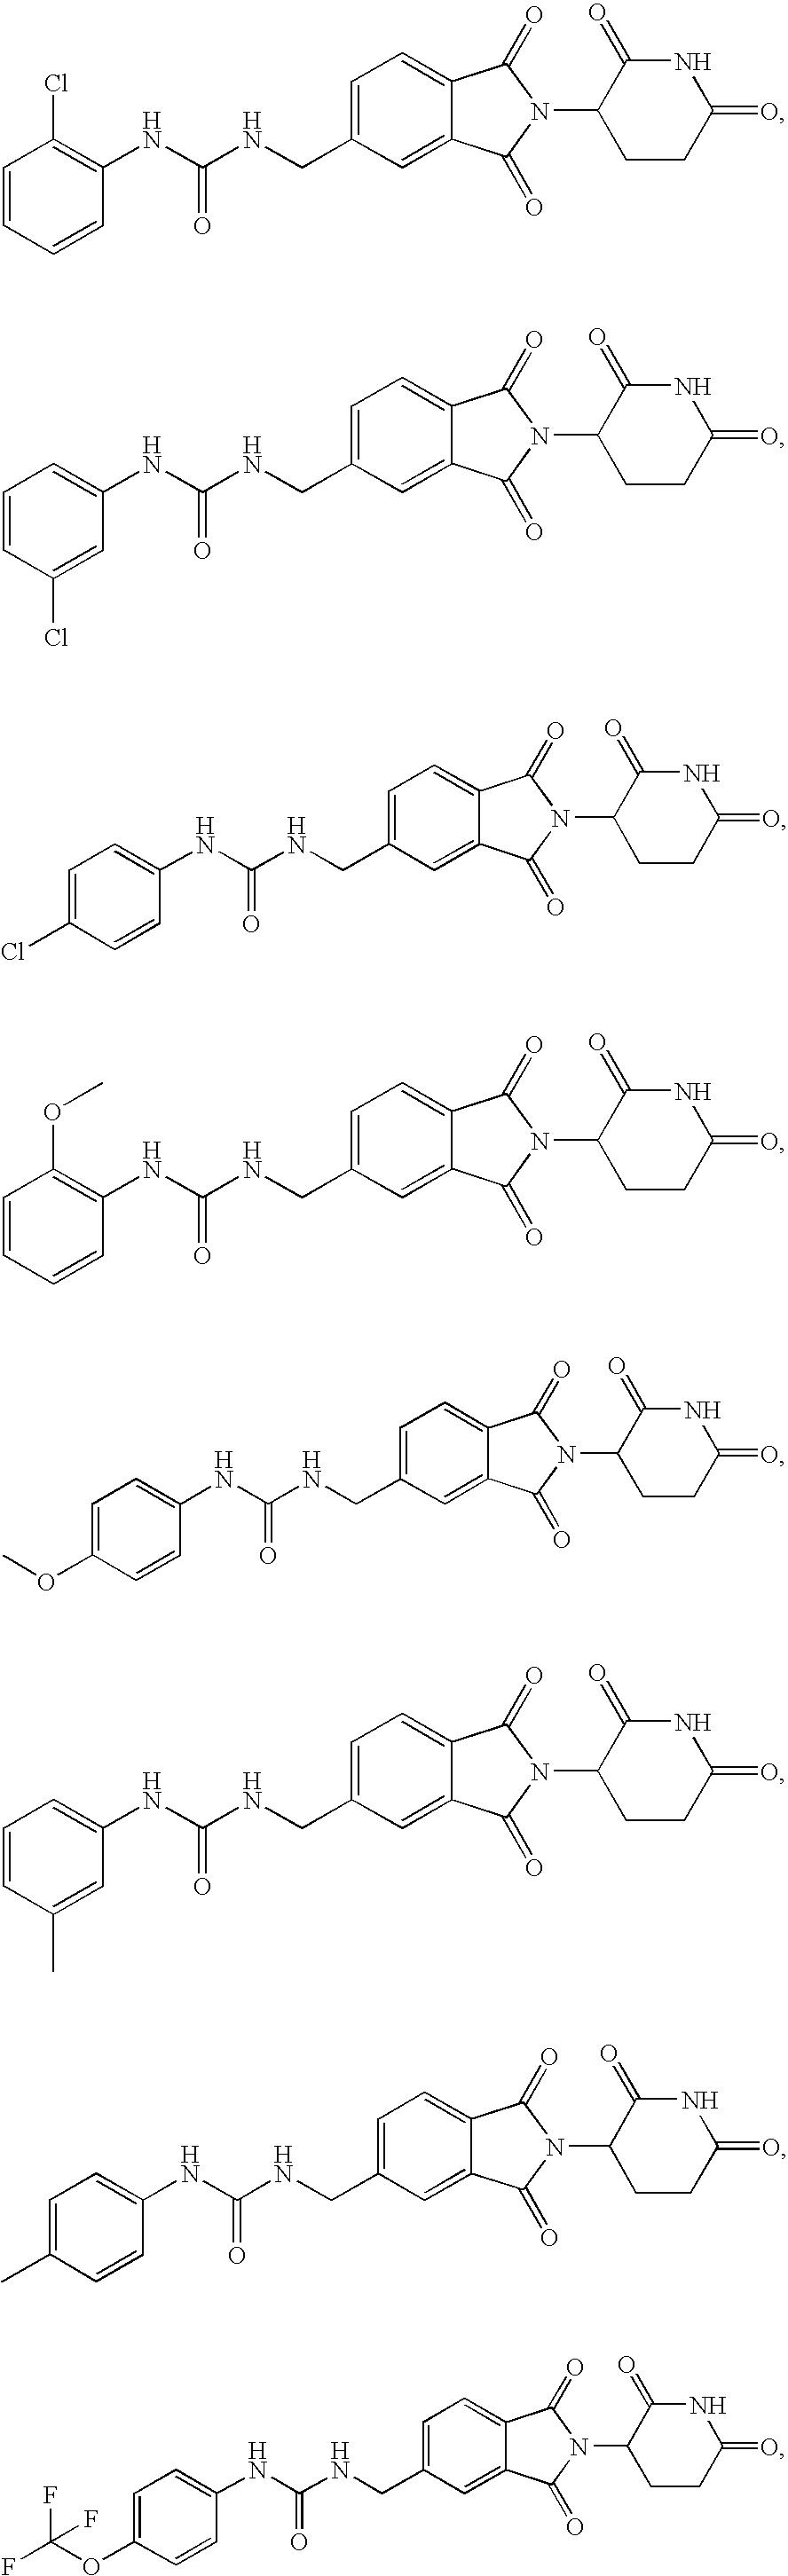 Figure US08877780-20141104-C00021